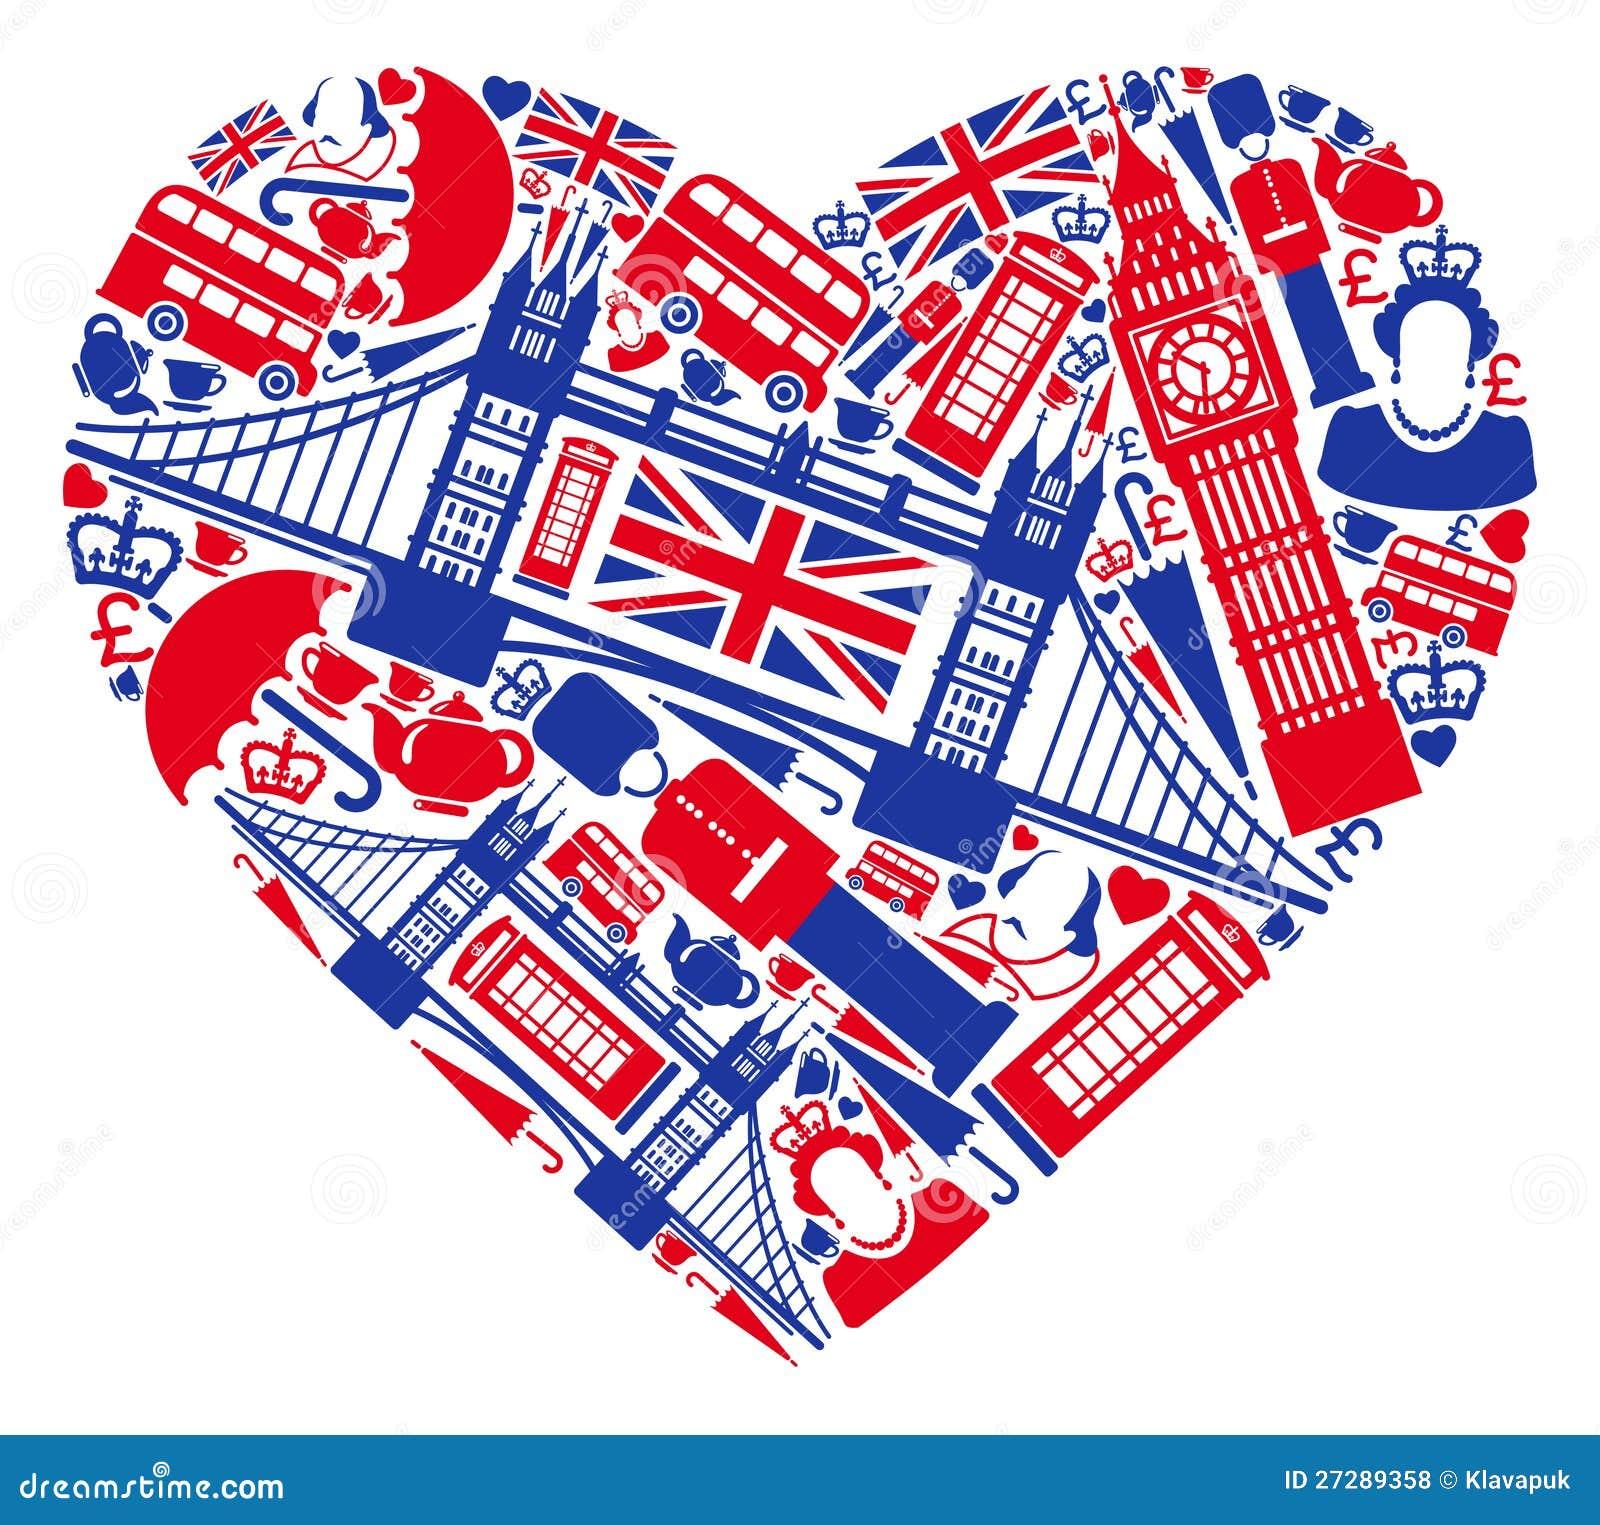 I love England!